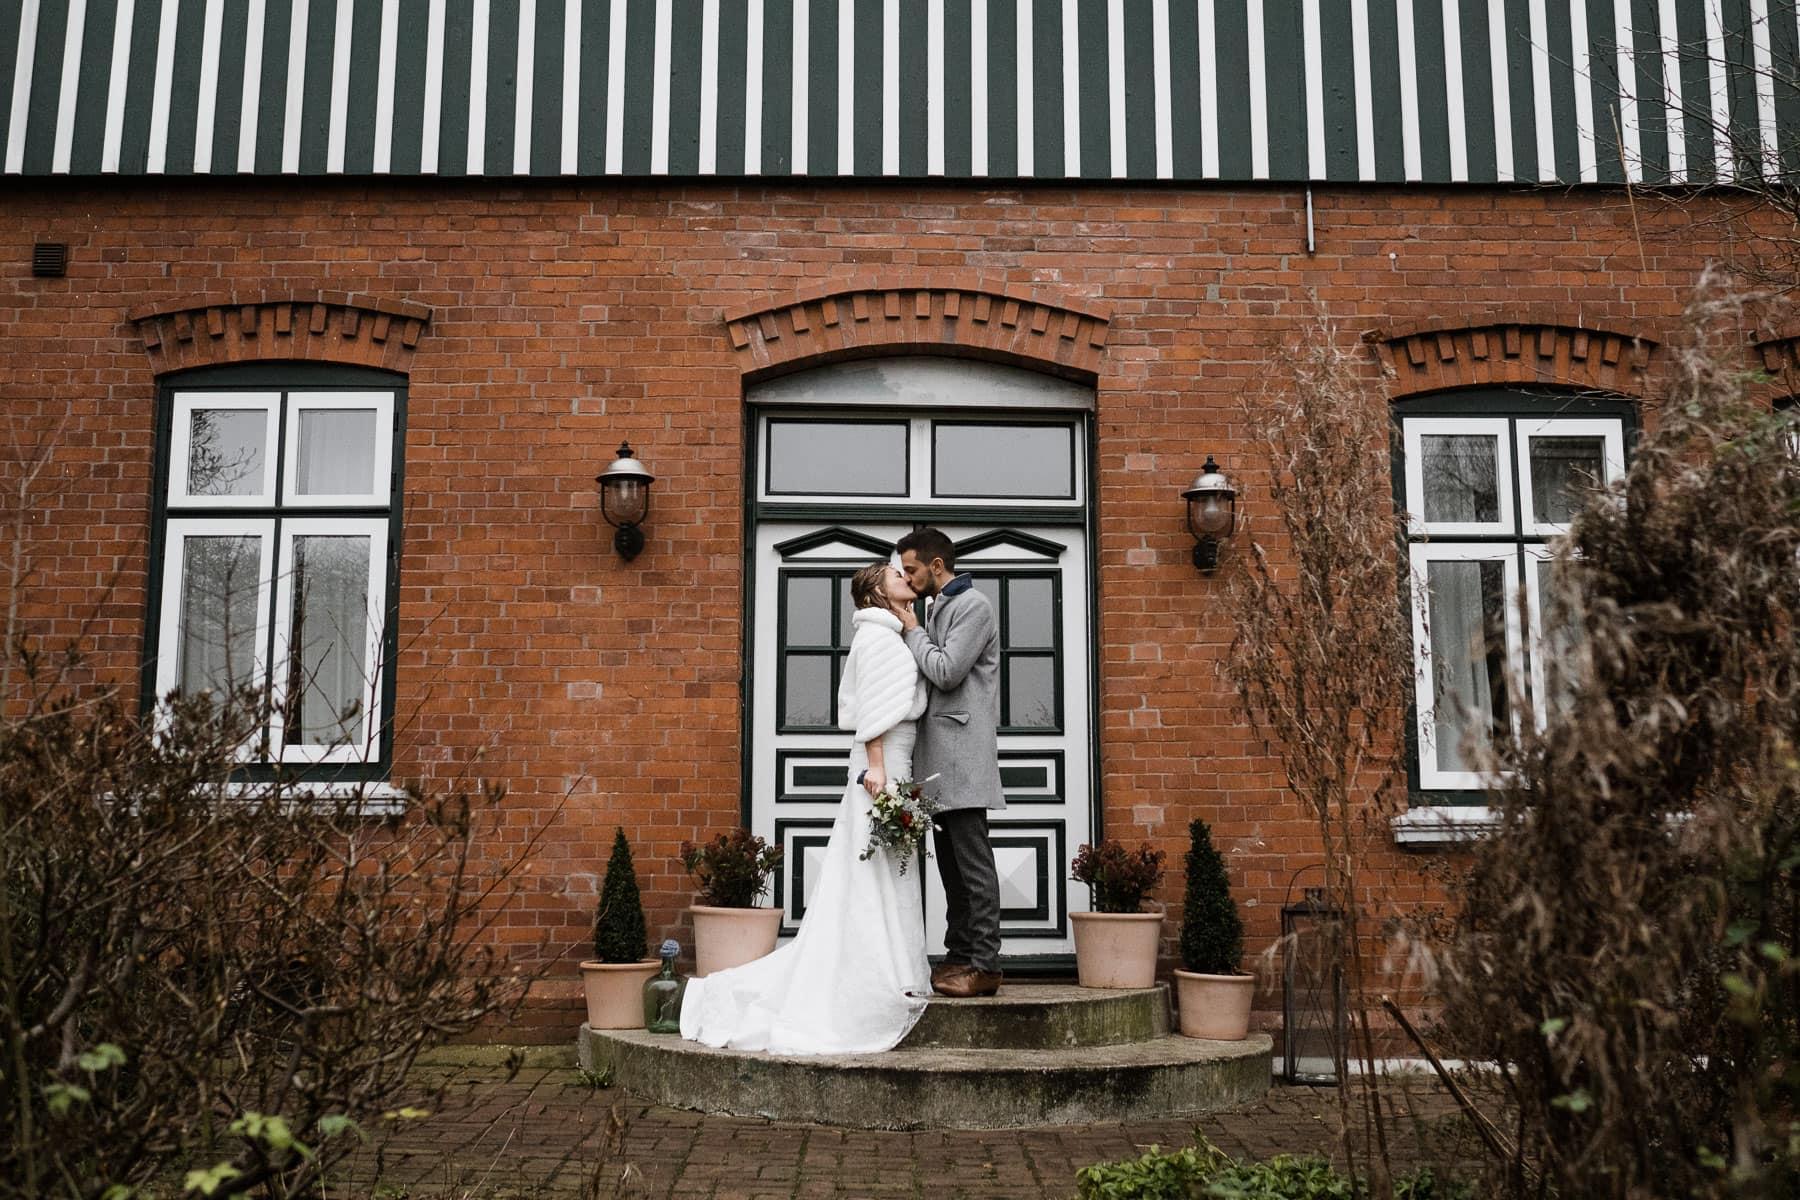 das Brautpaar steht vor der Holztür eines Landhauses, es hat große, helle Sprossenfesnster aus Holz, die Braut trägt ein langes Brautkleid mit einem weißen Pelzumhang, der Mann trägt über seinen Anzug einen Wollmantel, das Brautpaar küsst sich